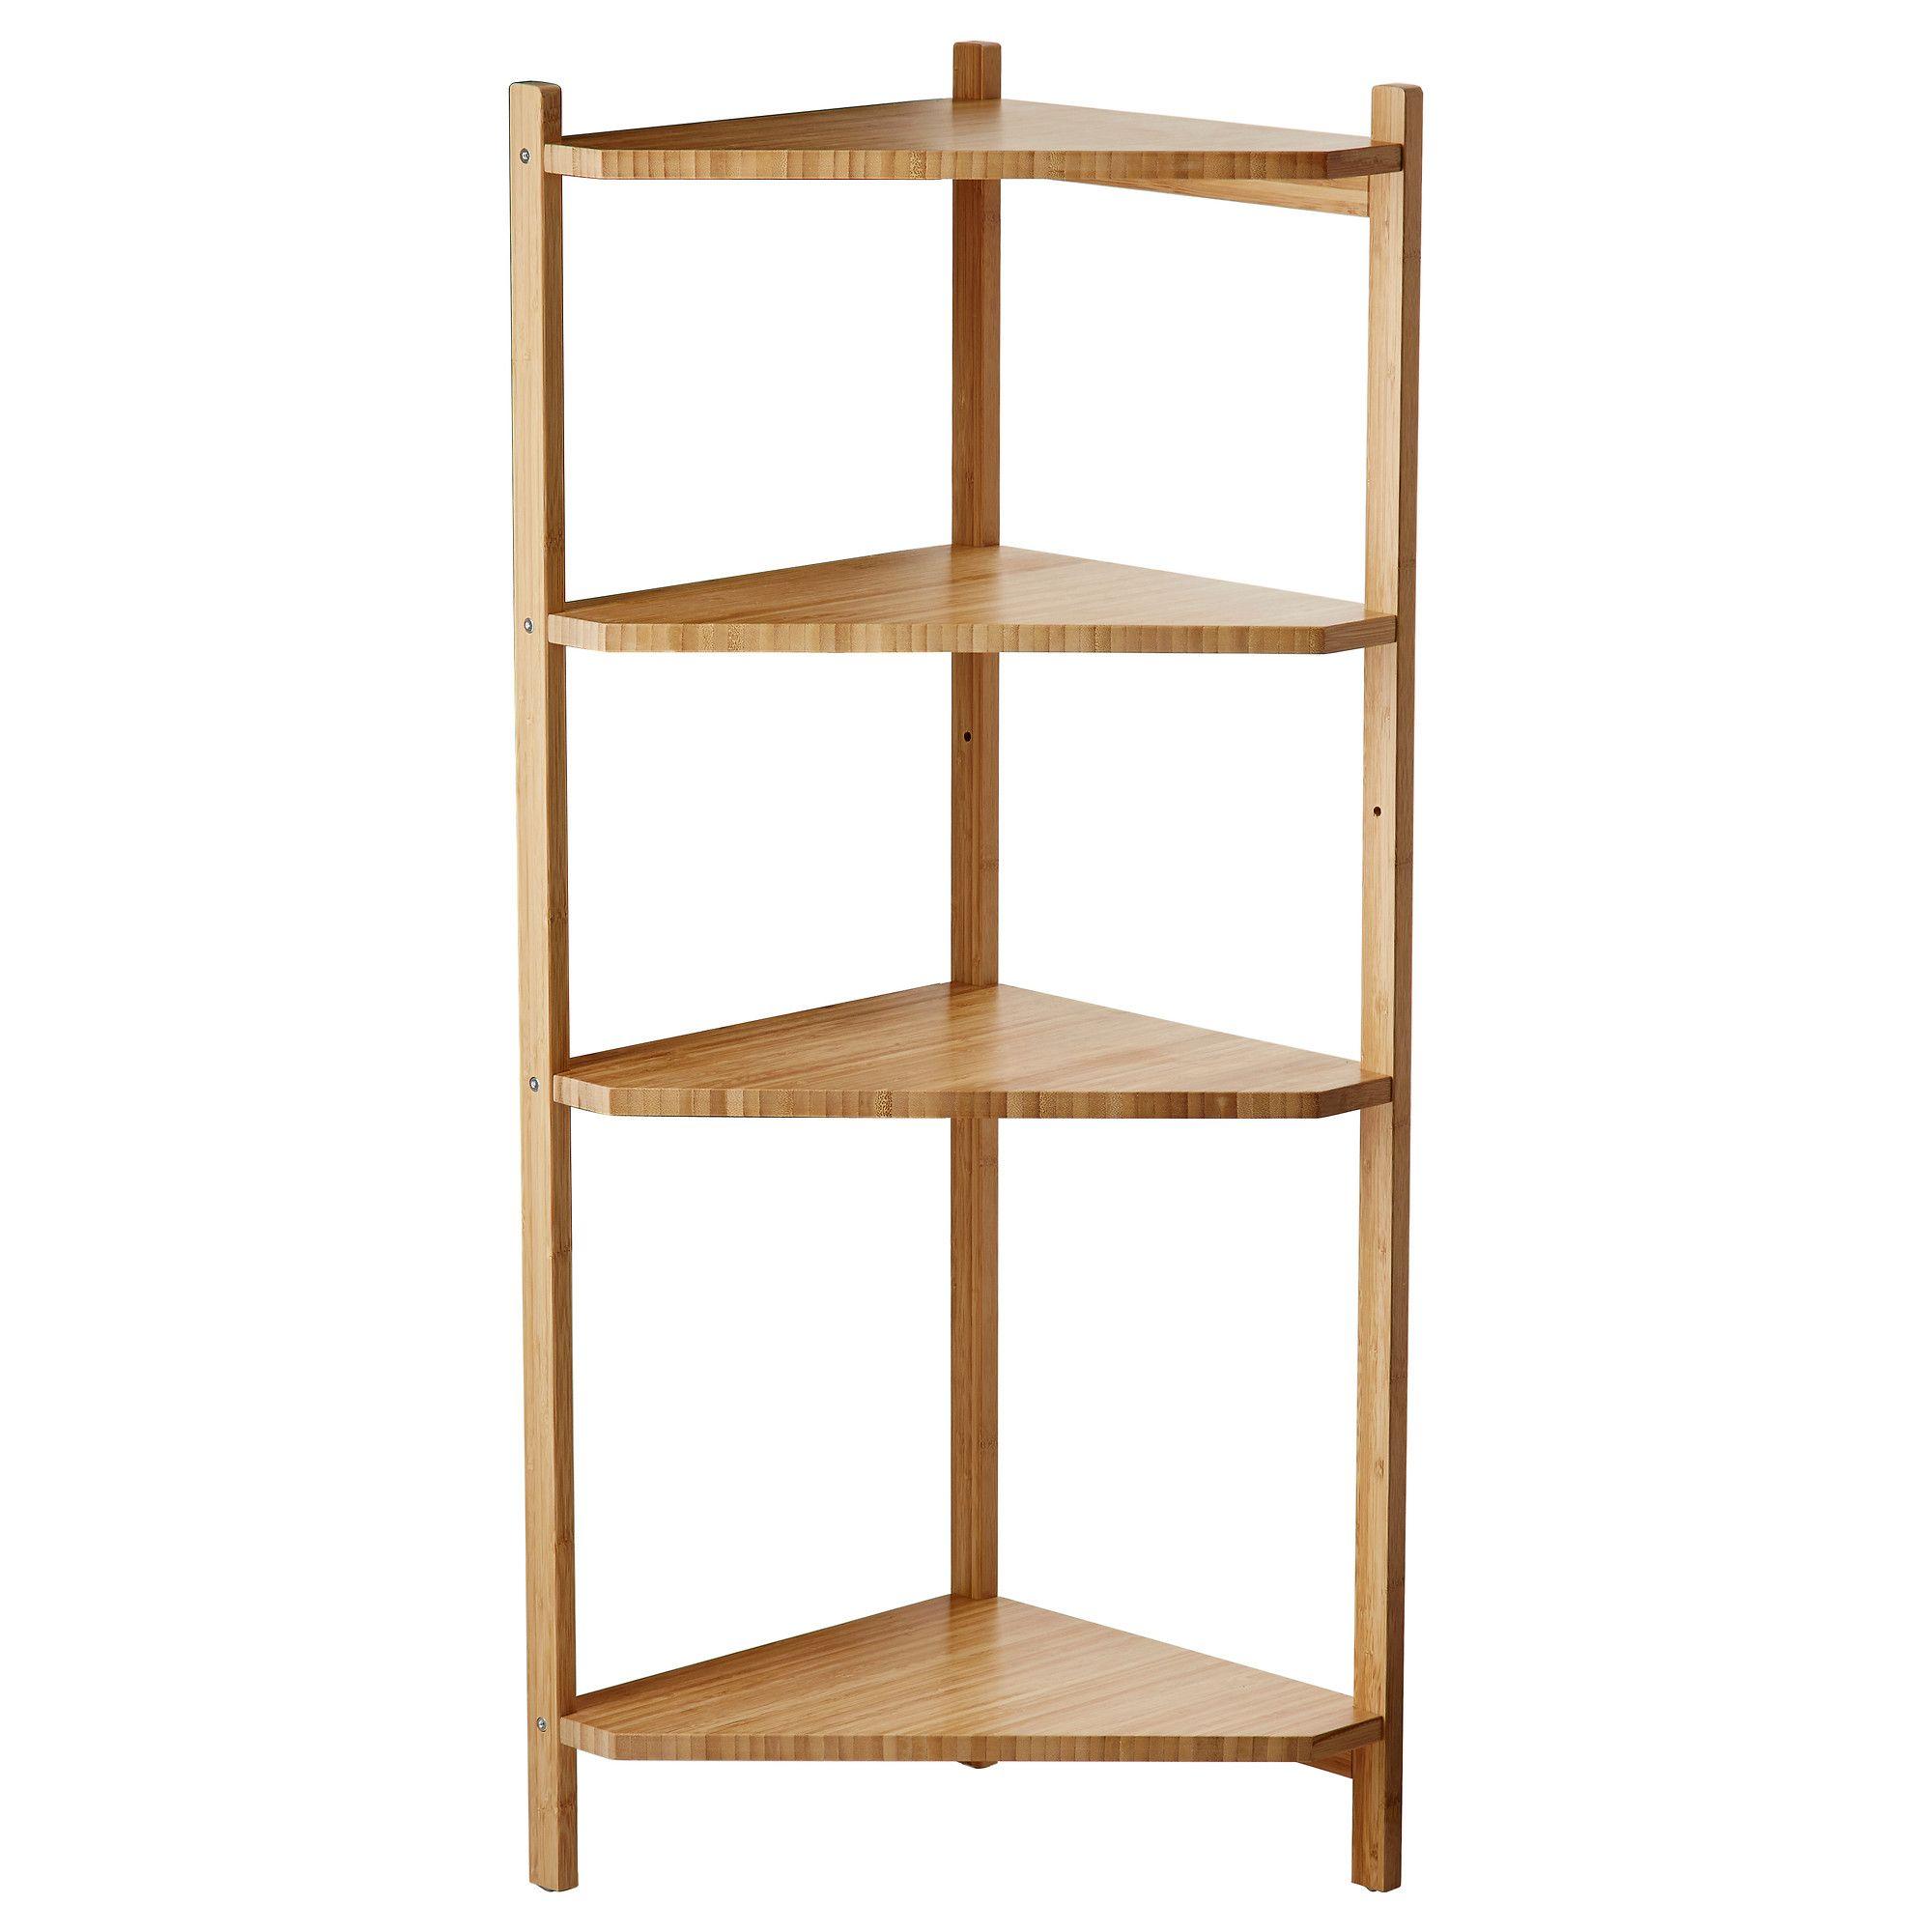 RÅGRUND Corner Shelf Unit   IKEA